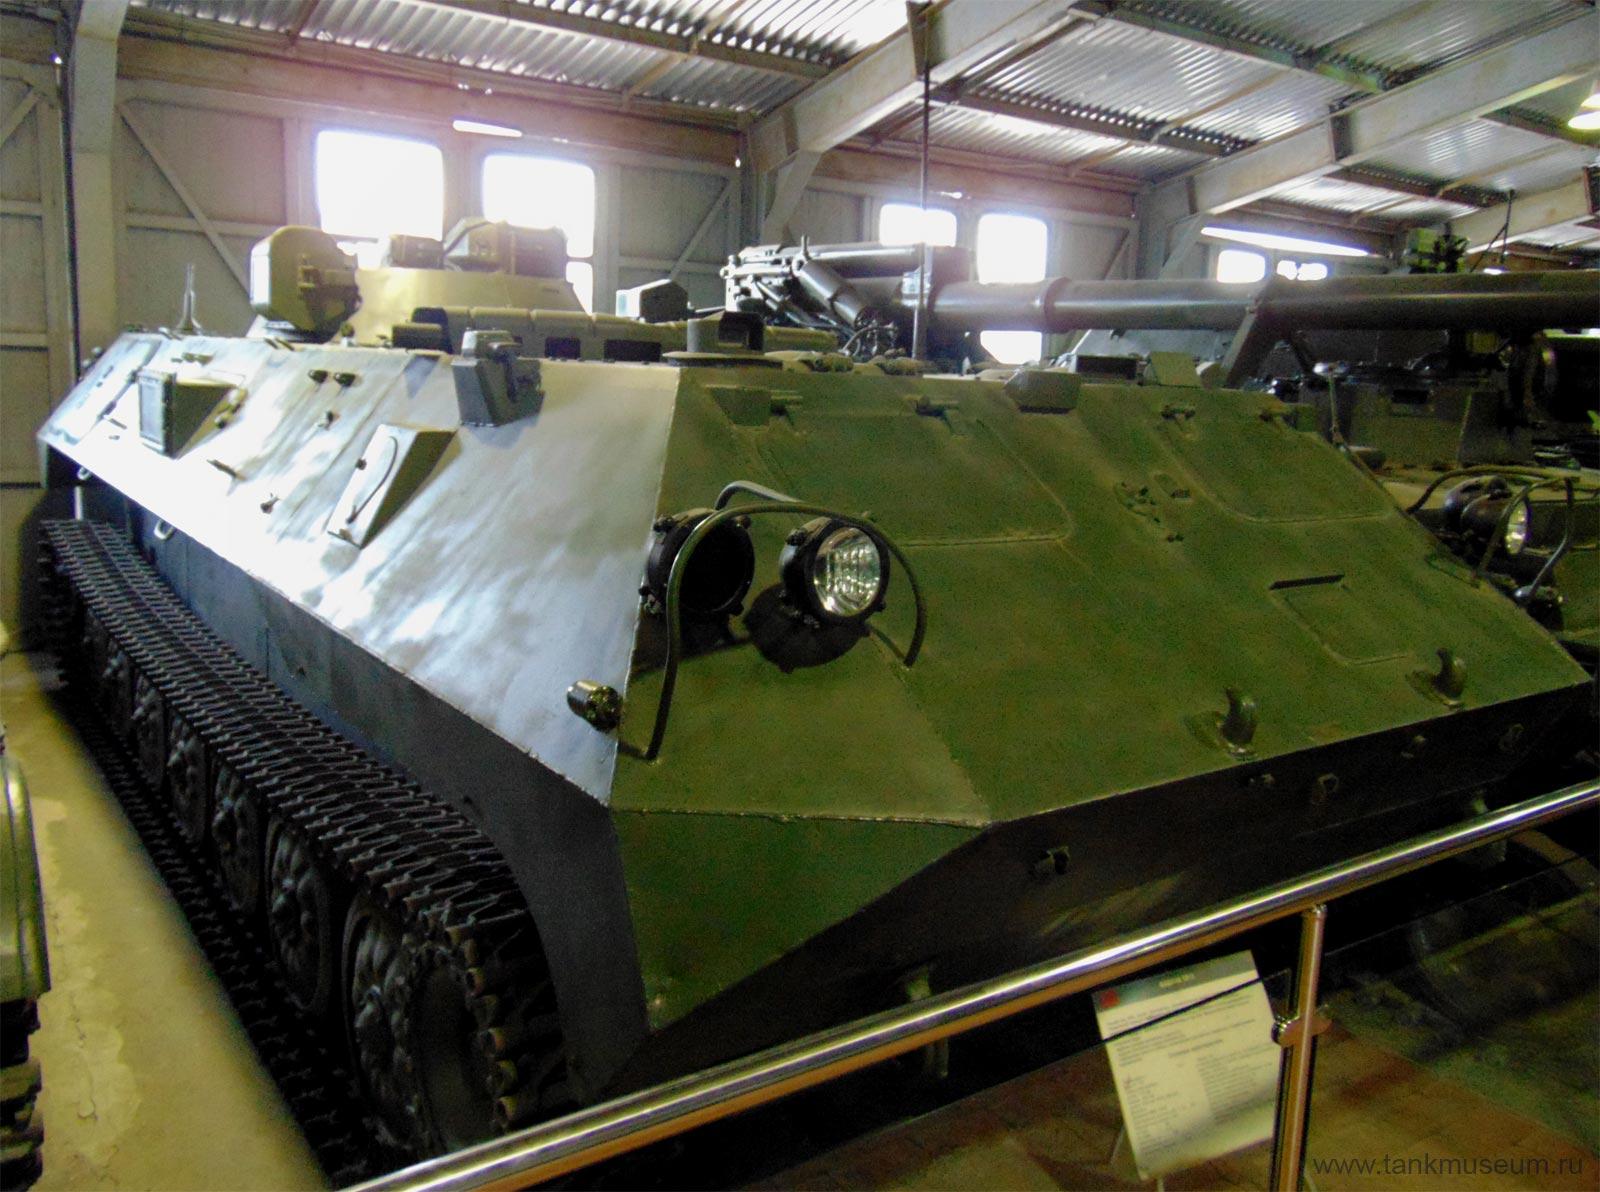 командно-наблюдательный пункт 1В15, танковый музей Кубинка